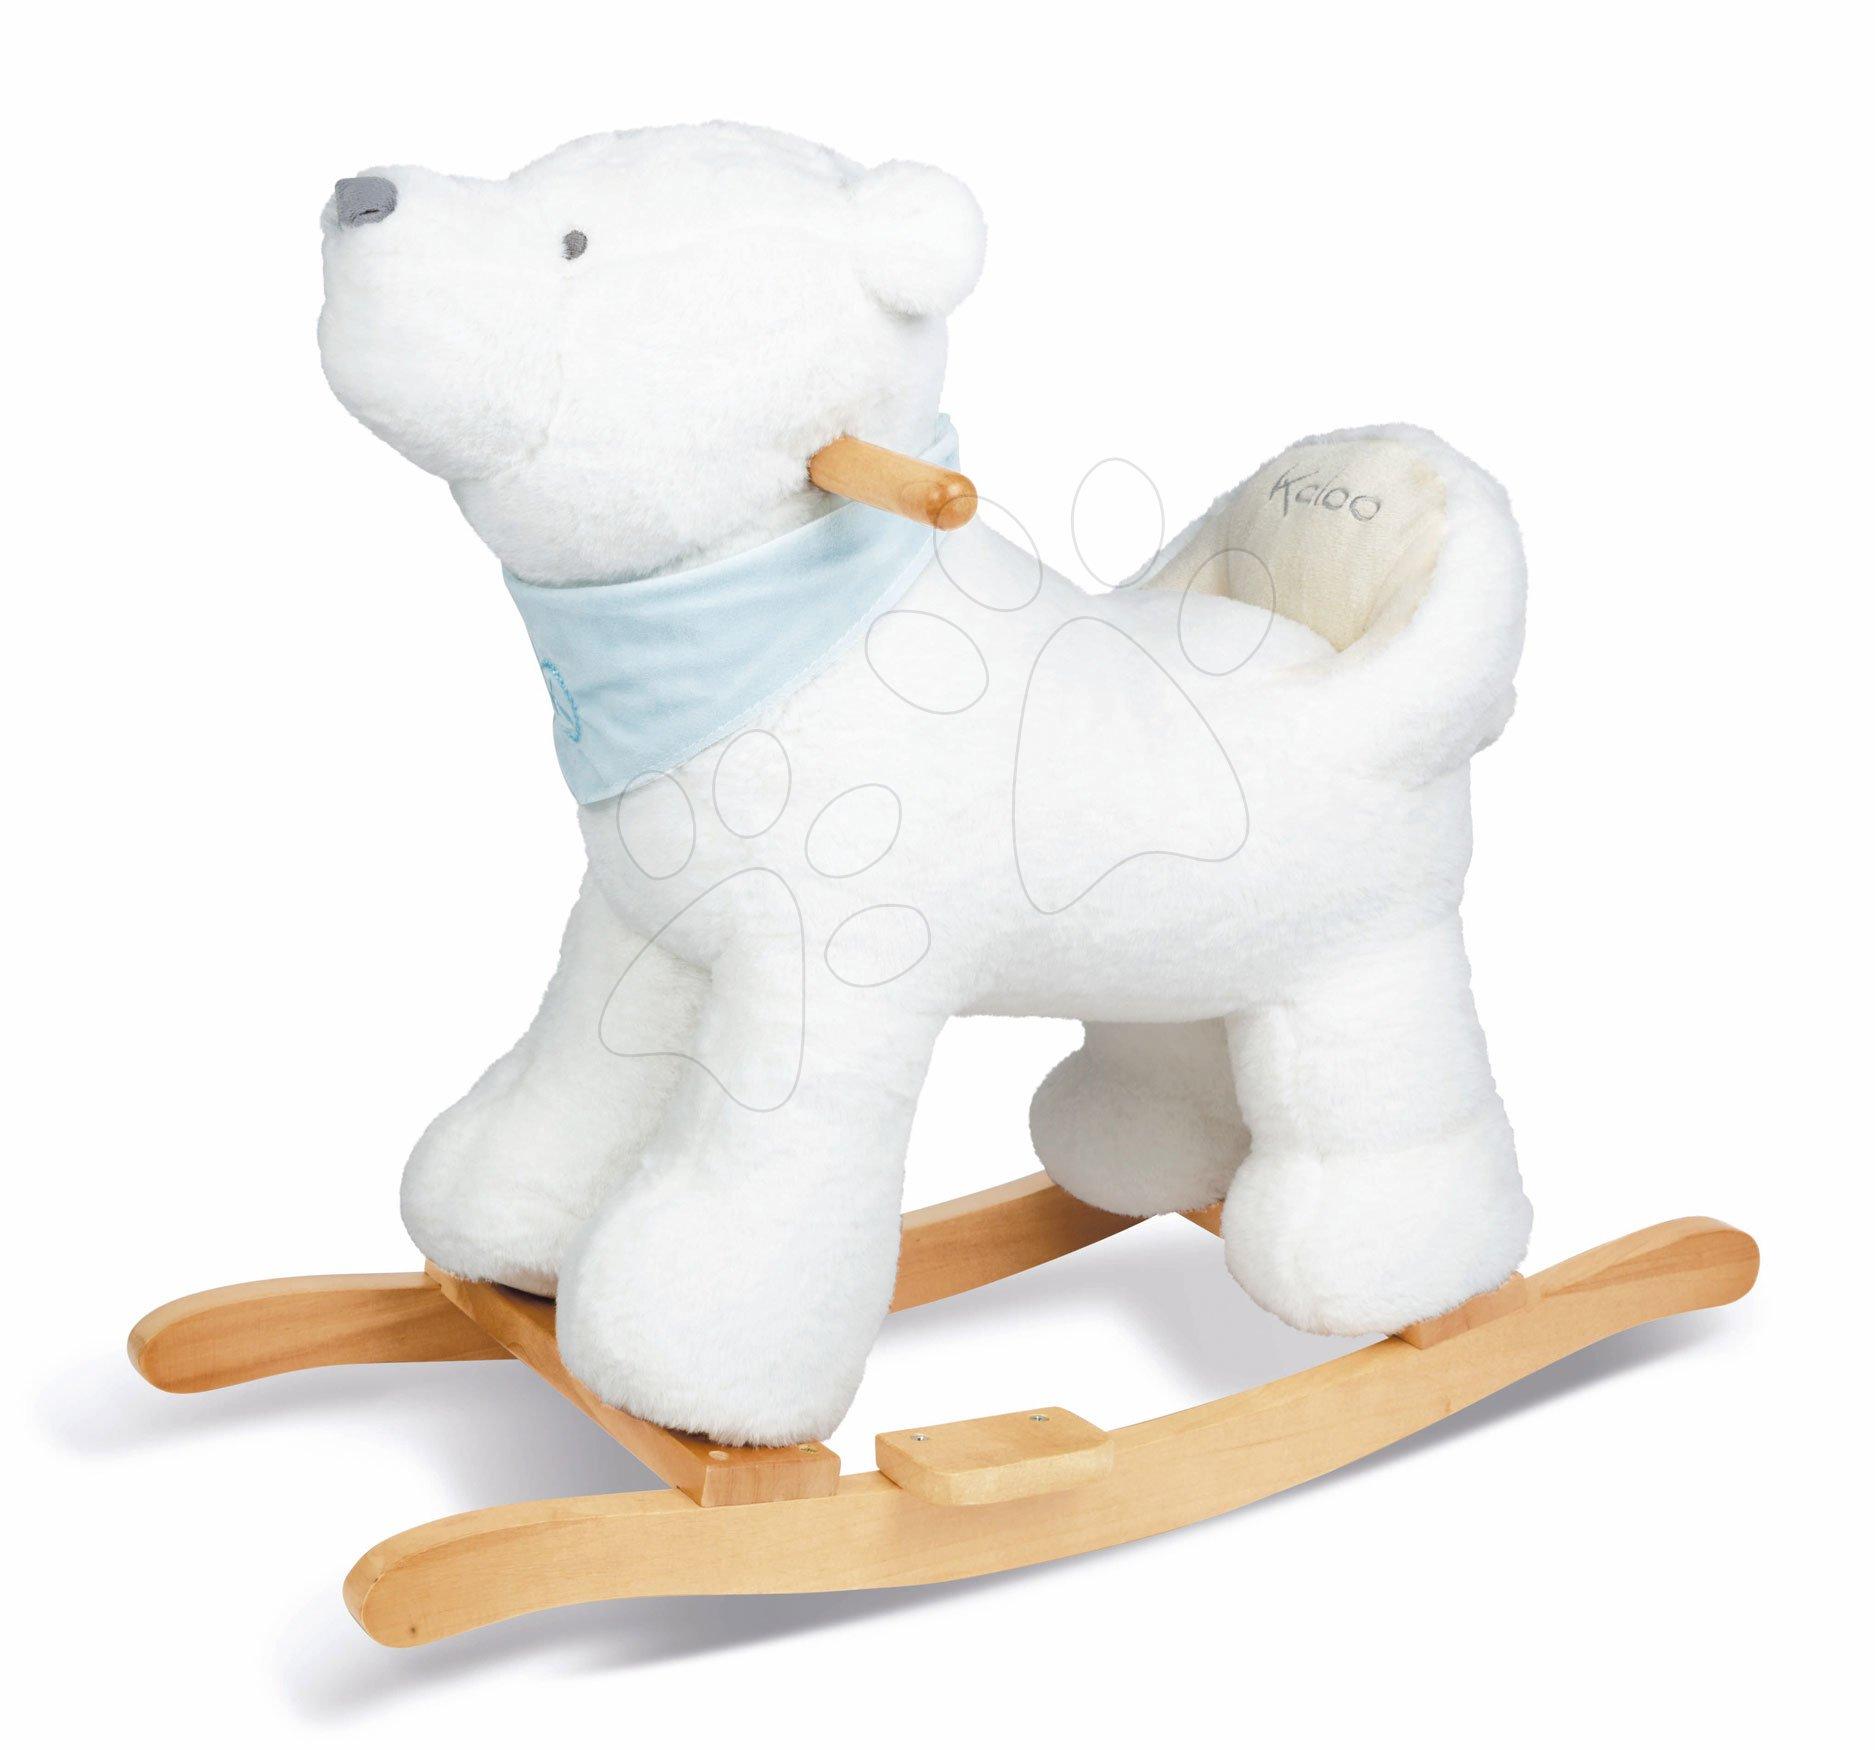 Hračky pro miminka - Plyšový houpací medvěd Flocon Rocking Les Amis Kaloo 57 cm vysoký od 12 do 36 měsíců